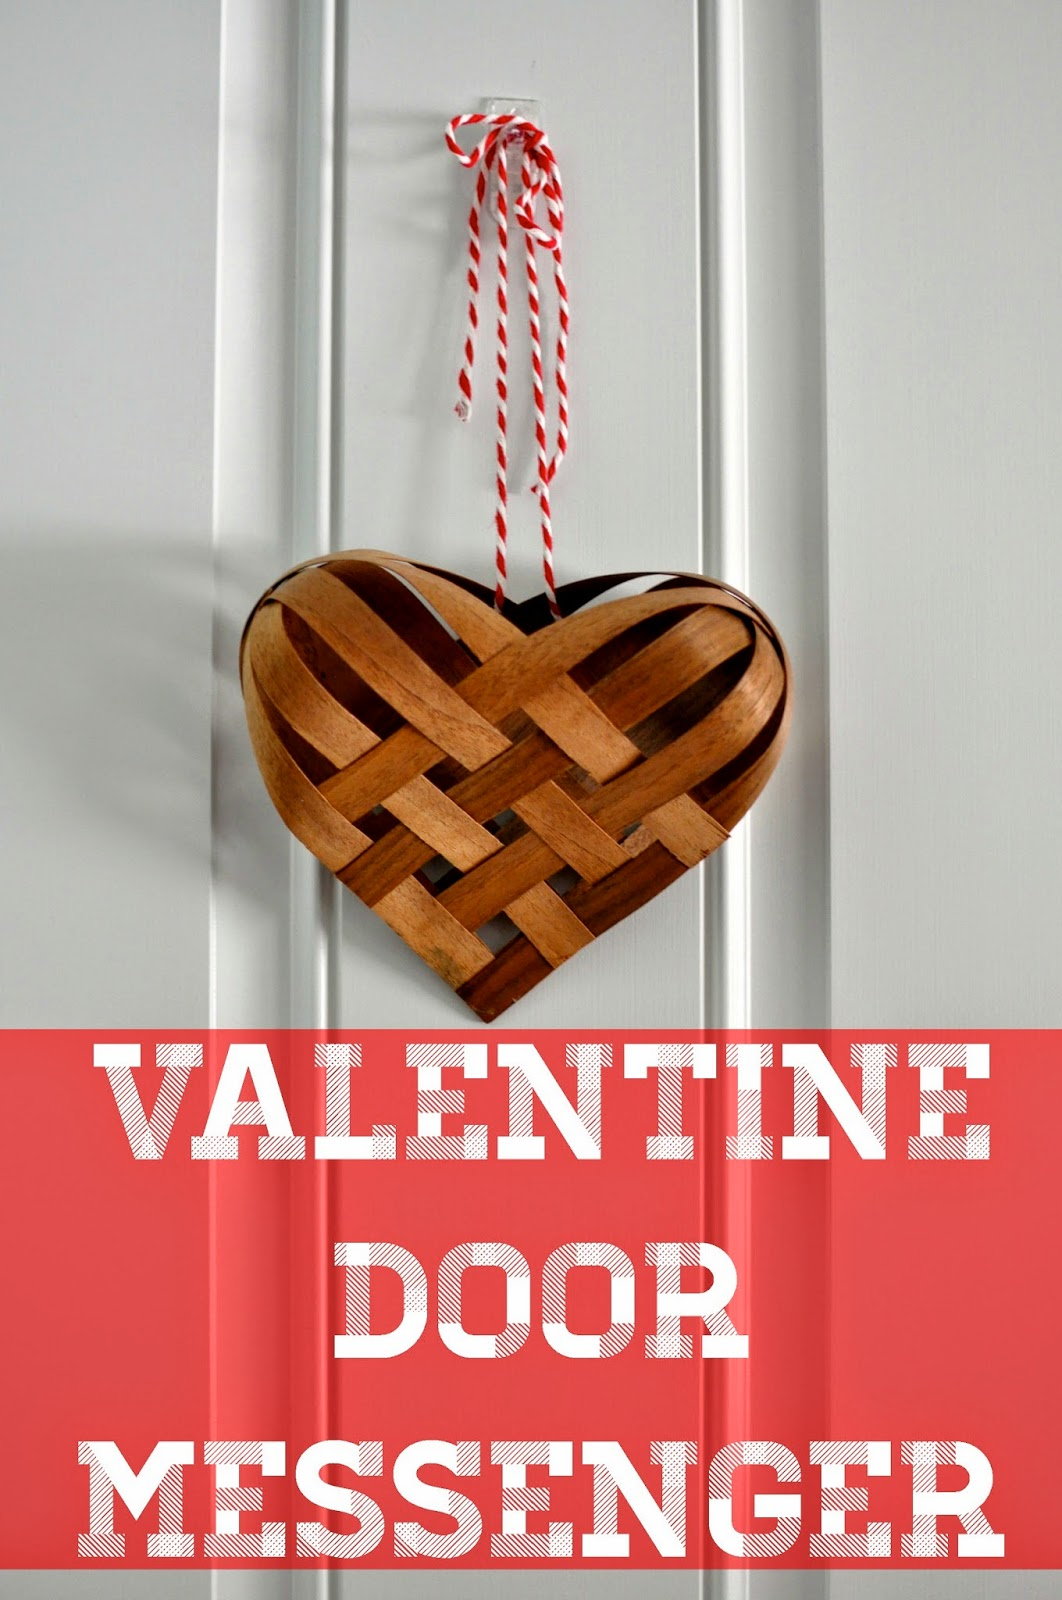 Valentine's Day Door Messenger